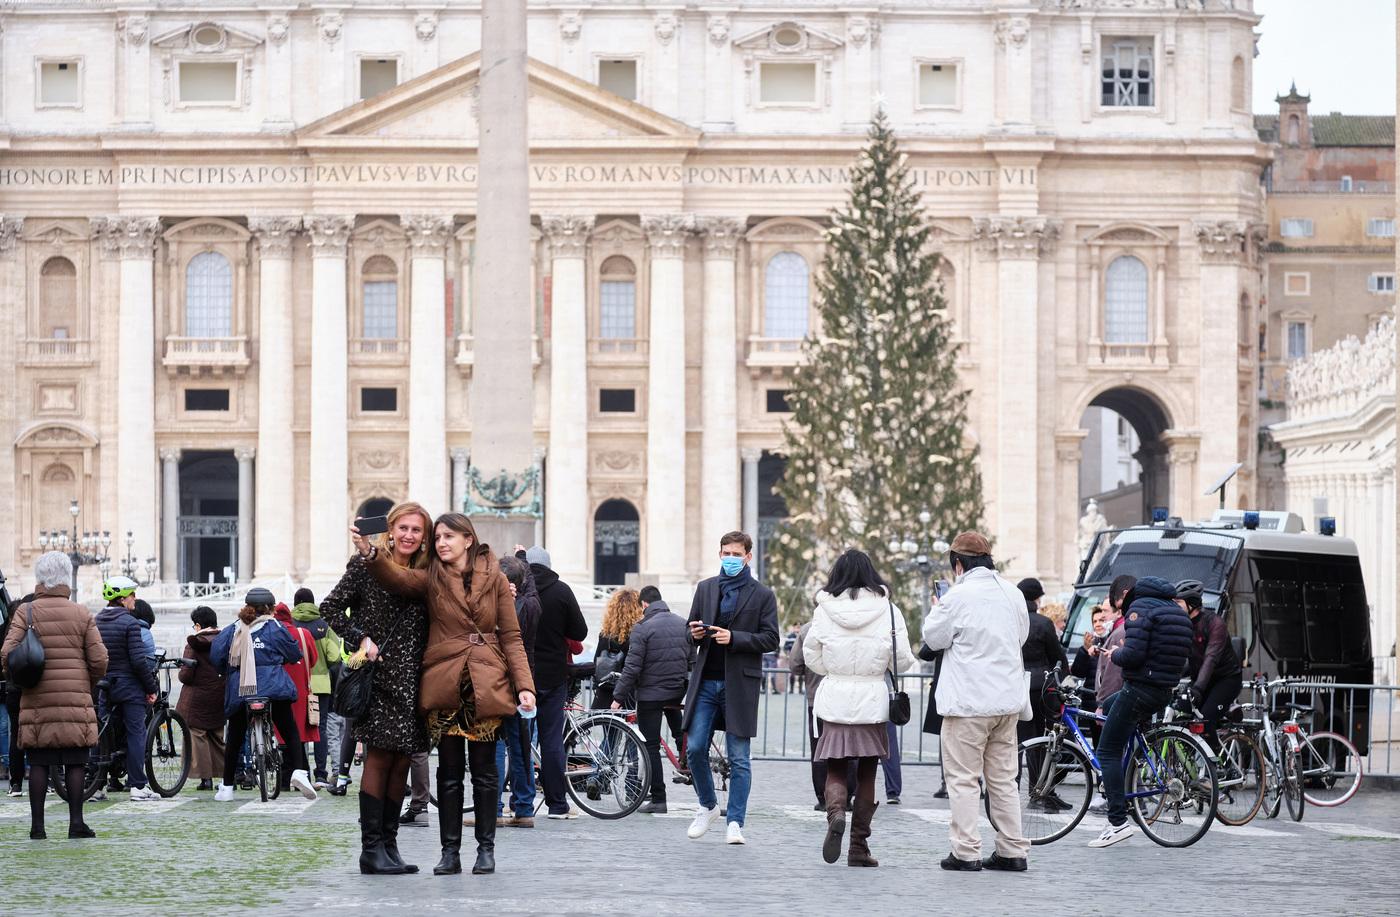 Piazza San Pietro - Messa di Natale e Benedizione Urbi et Orbi